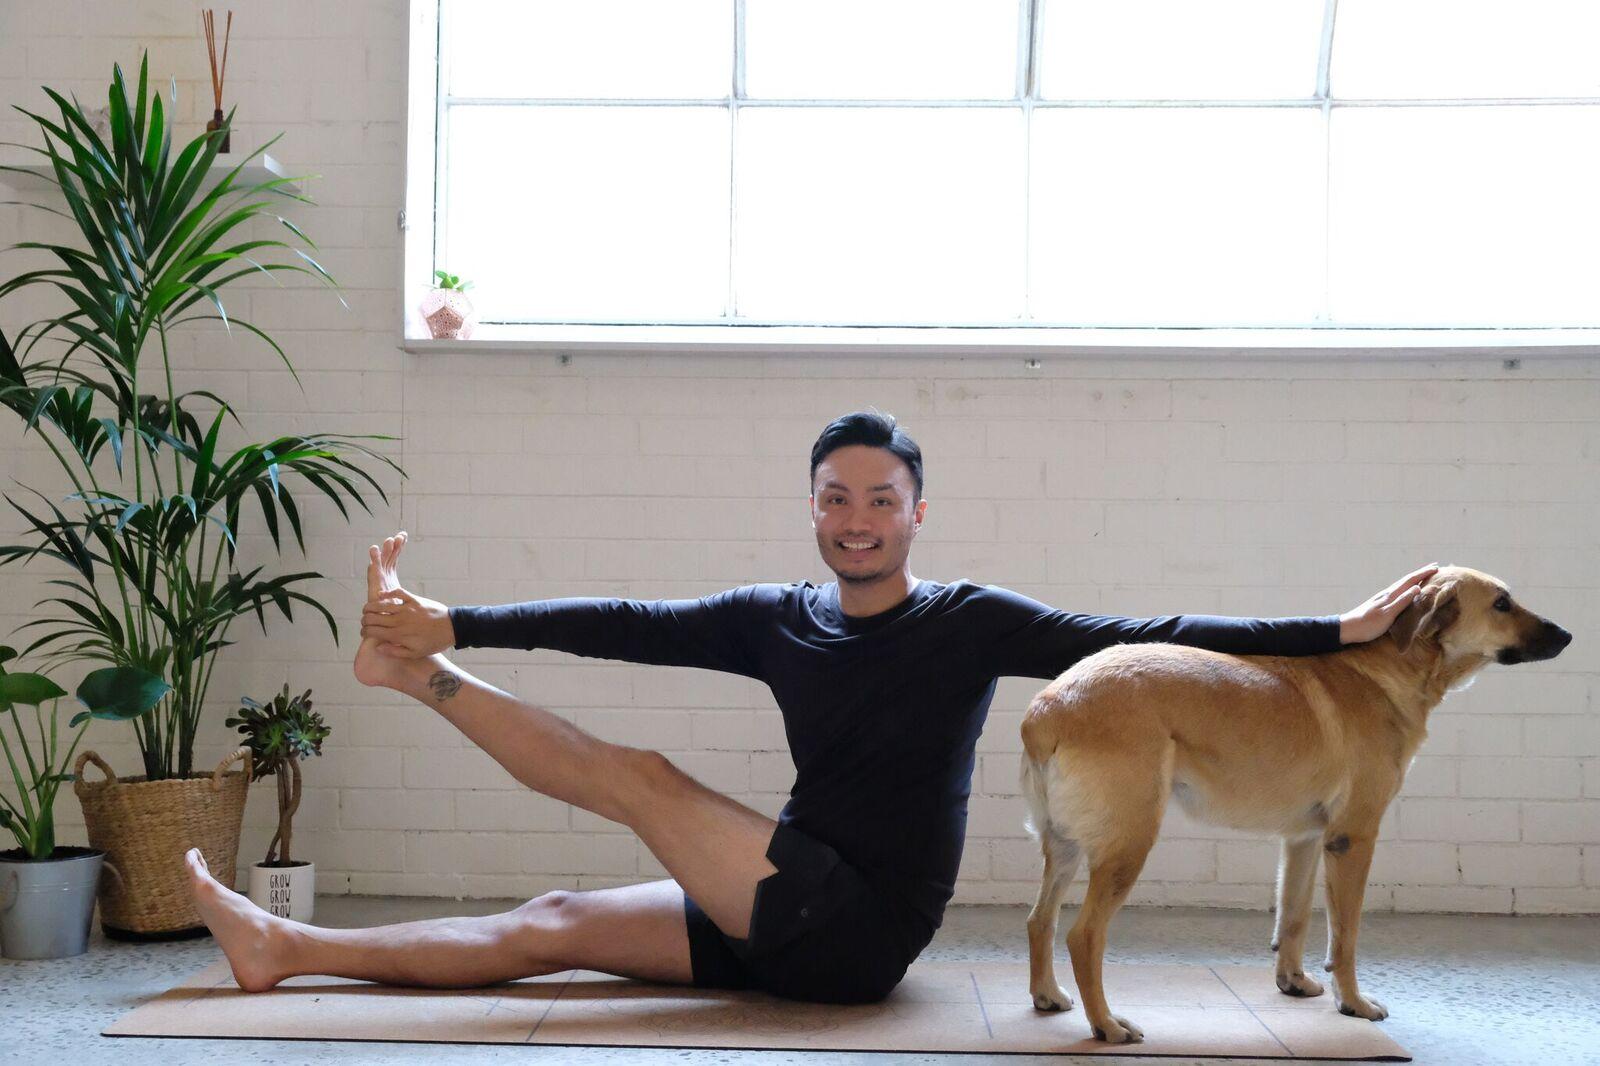 I am that yoga dog.jpeg